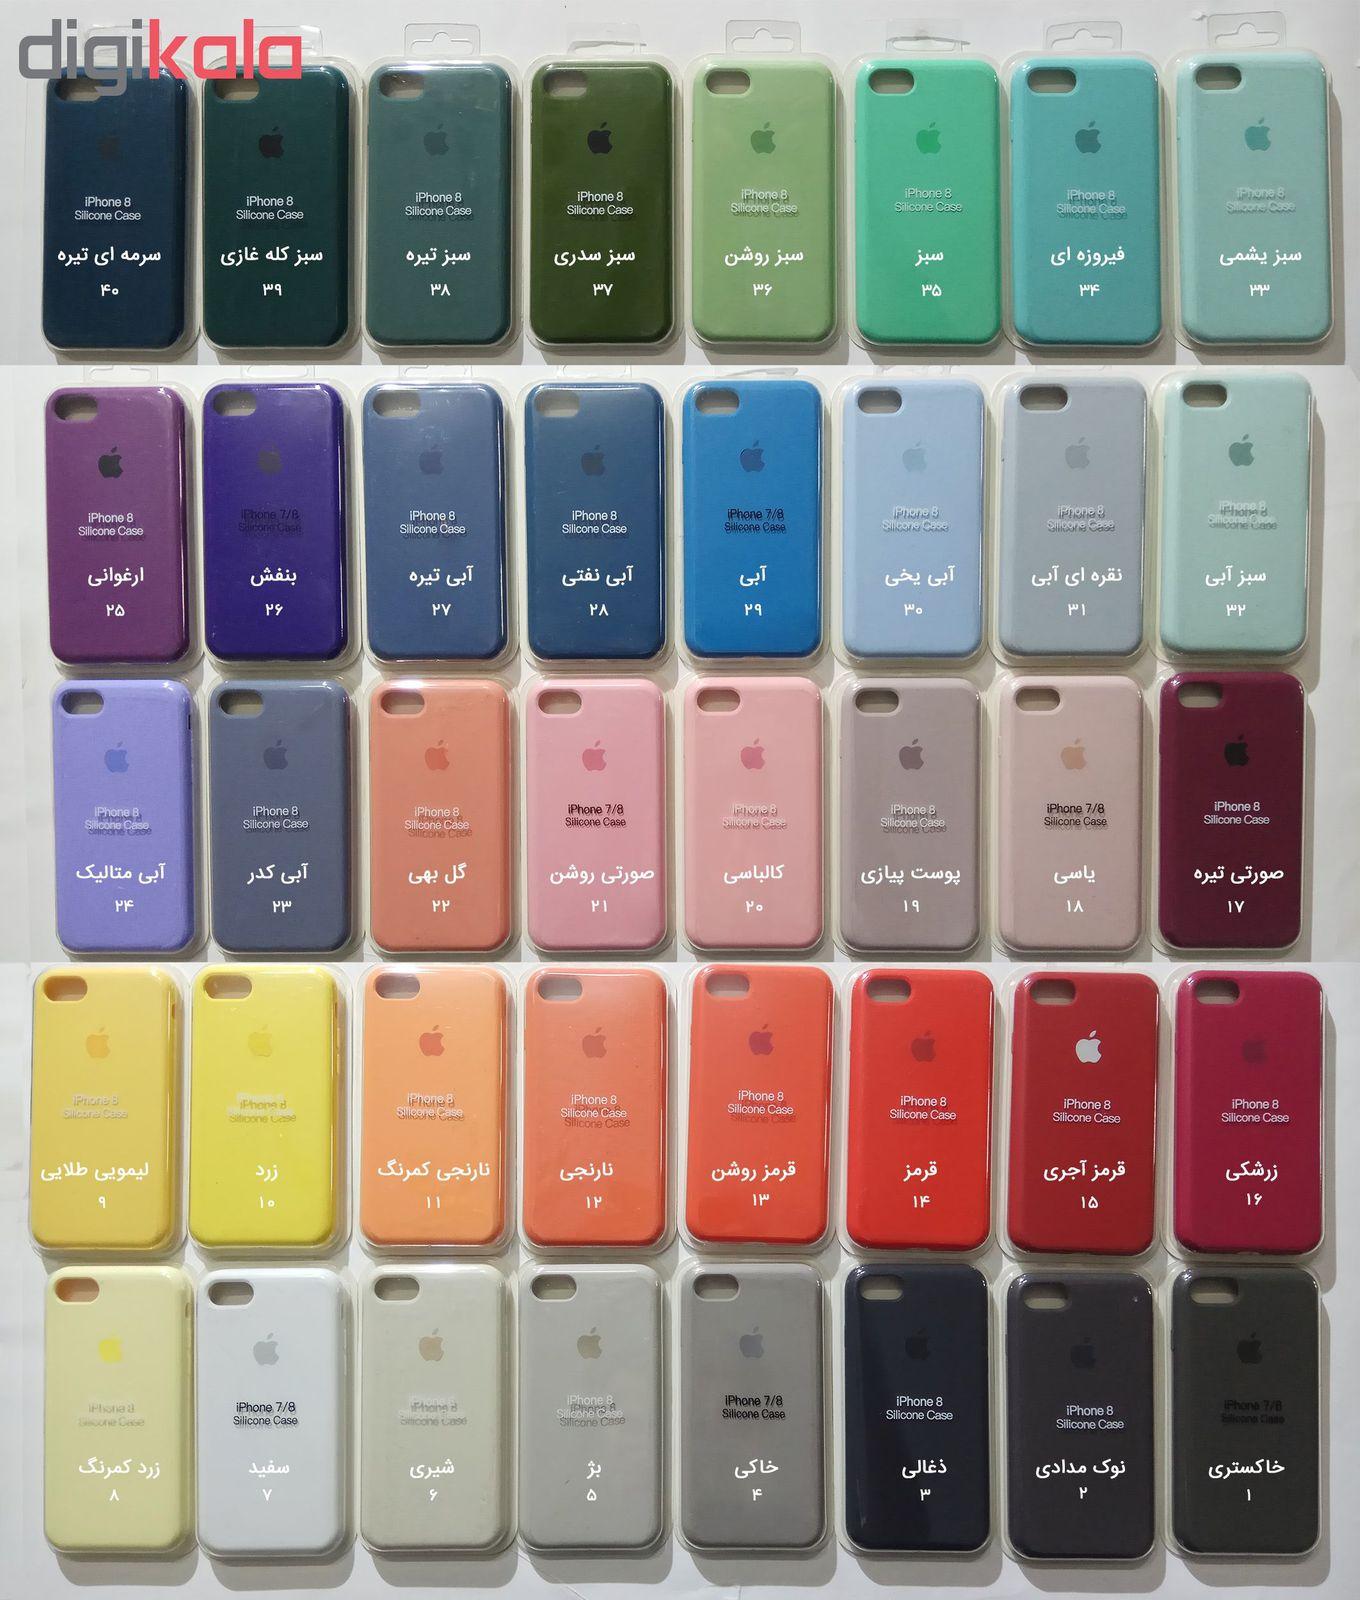 کاور وی کیس مدل Si01 مناسب برای گوشی موبایل اپل iPhone 7/8